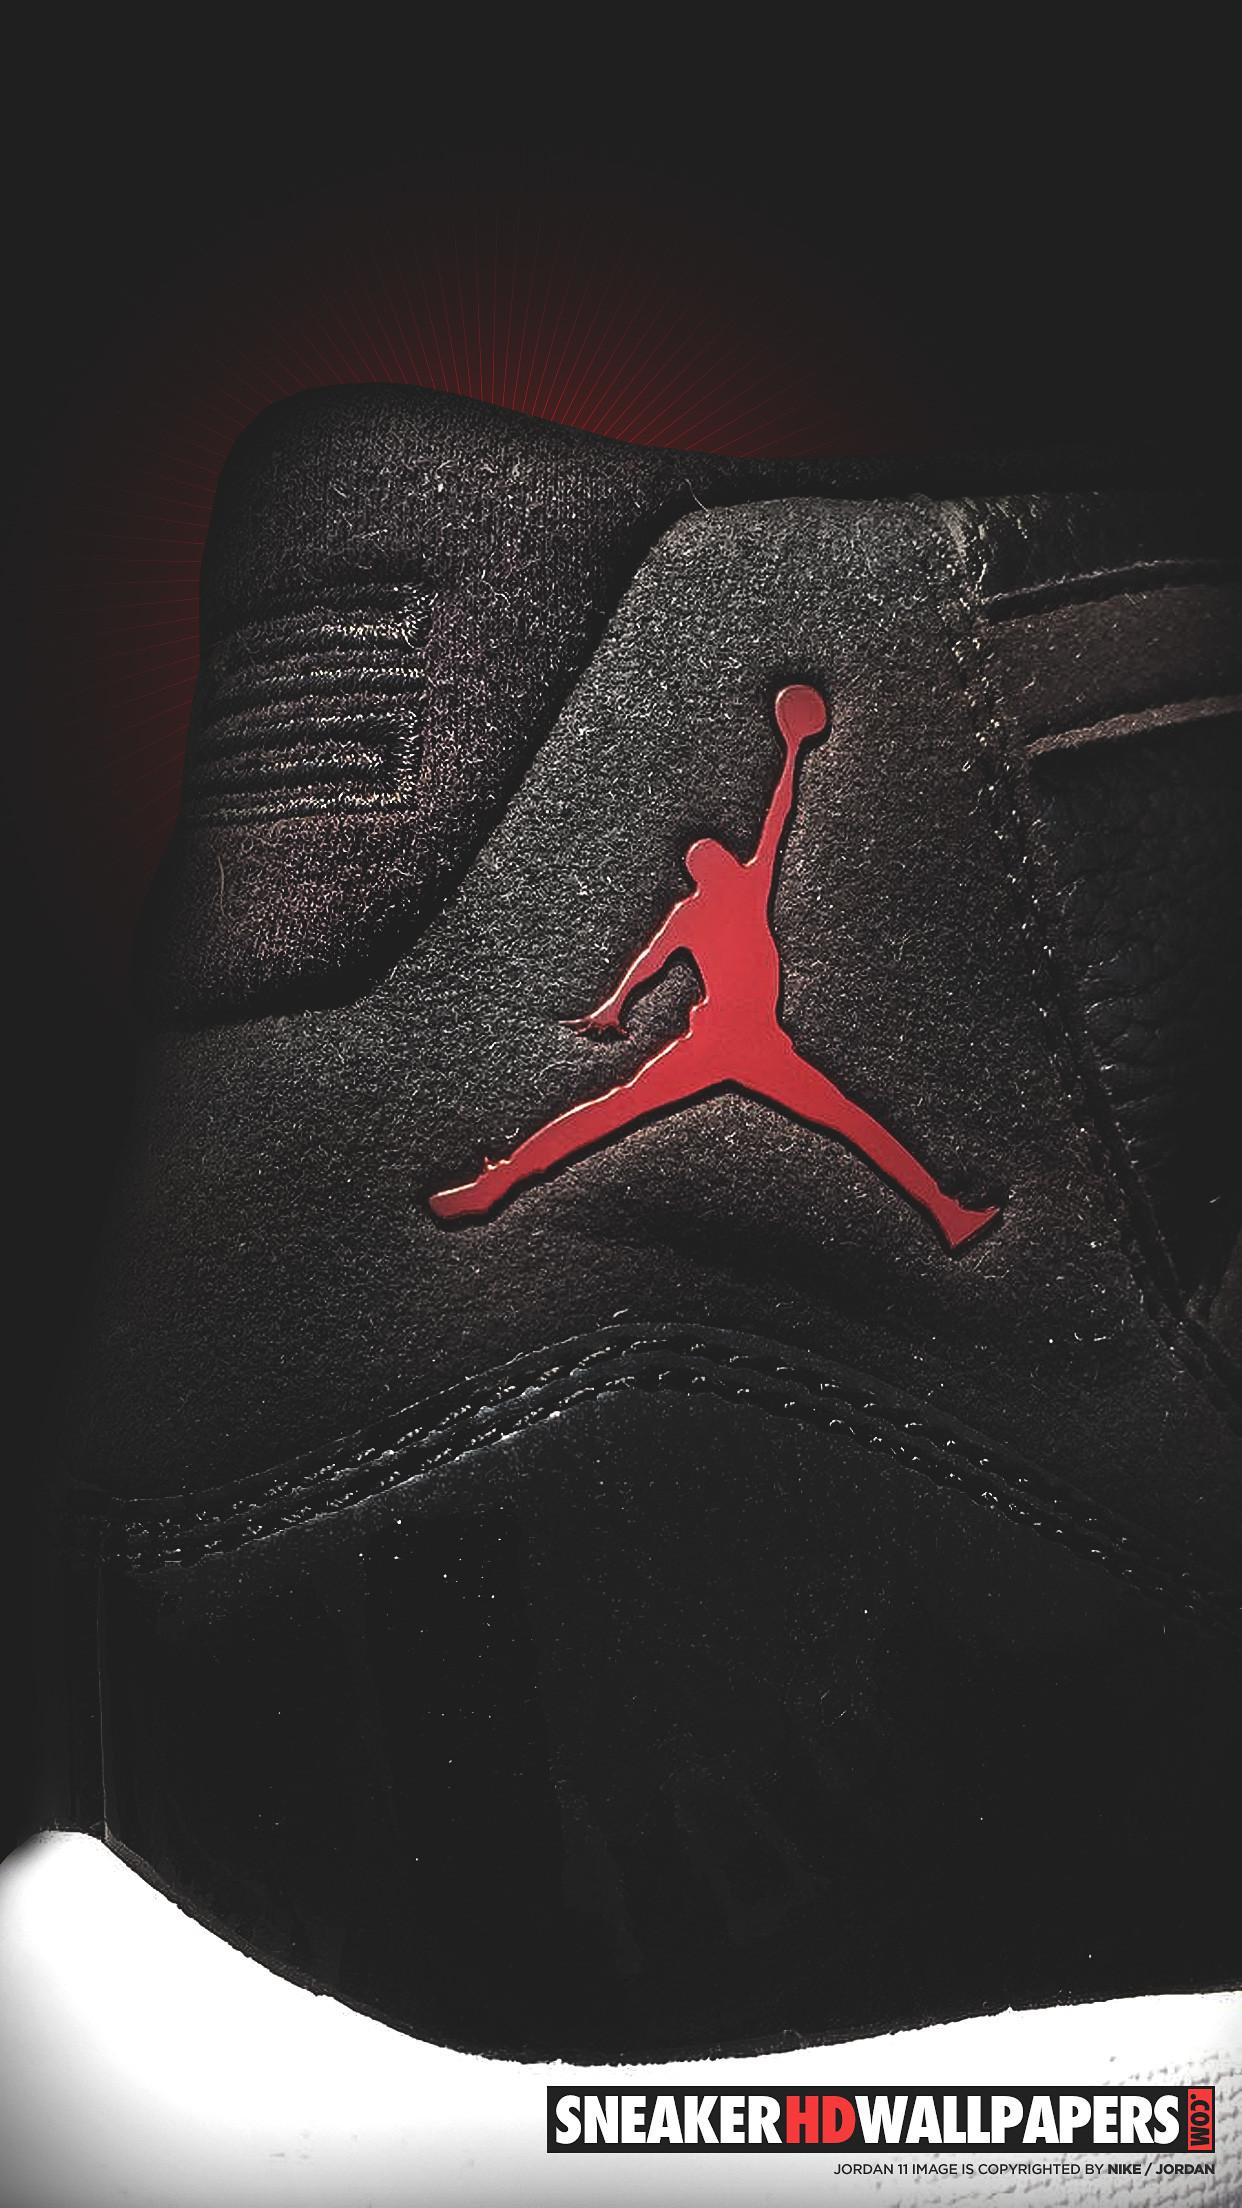 Download link: Jordan 11 72-10 wallpaper